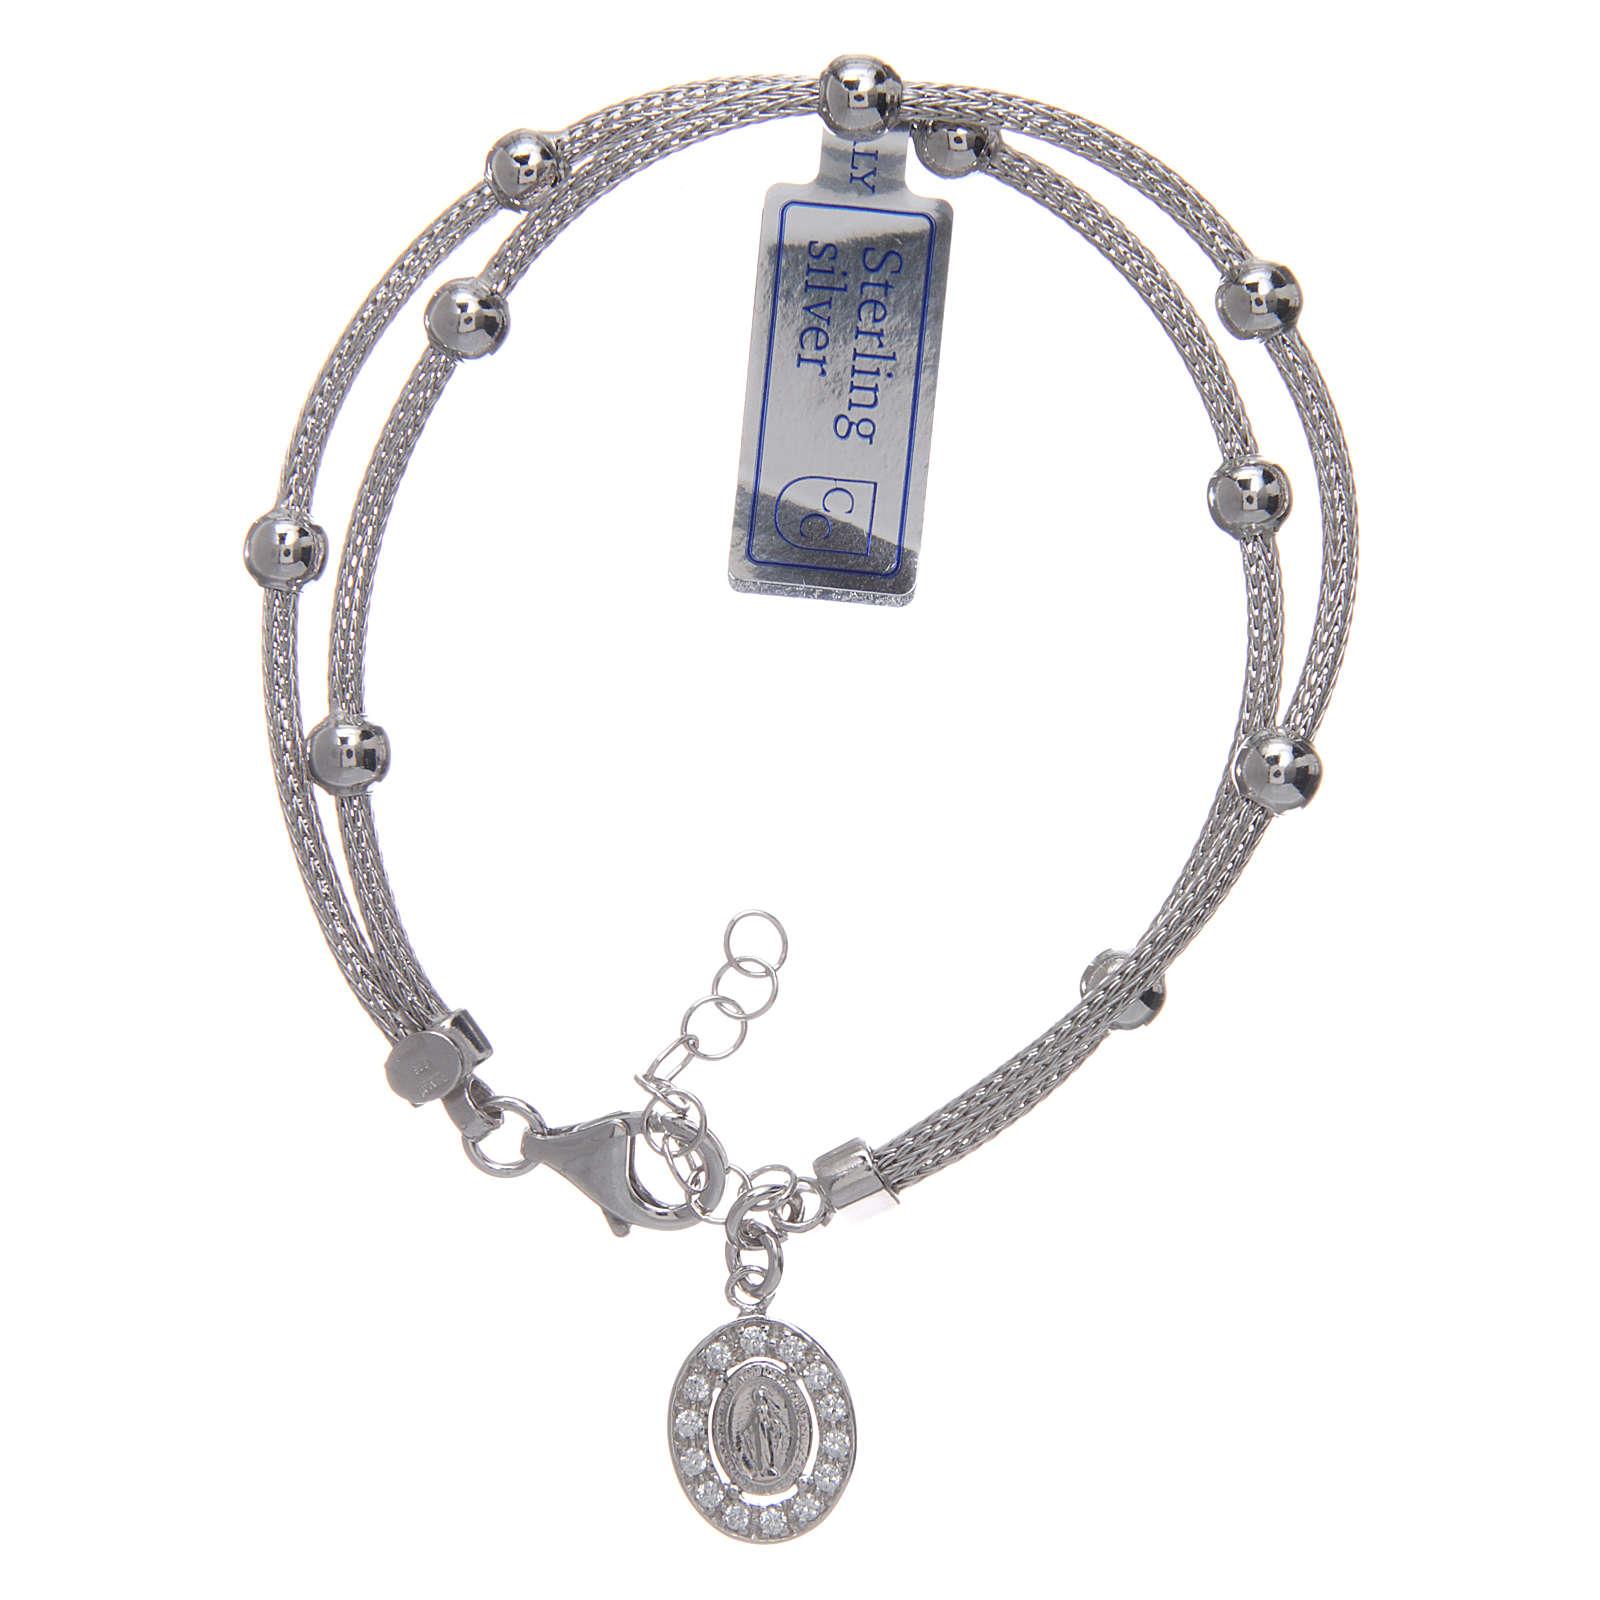 Bracciale  in argento 925 rodiato medaglia Miracolosa con strass 4